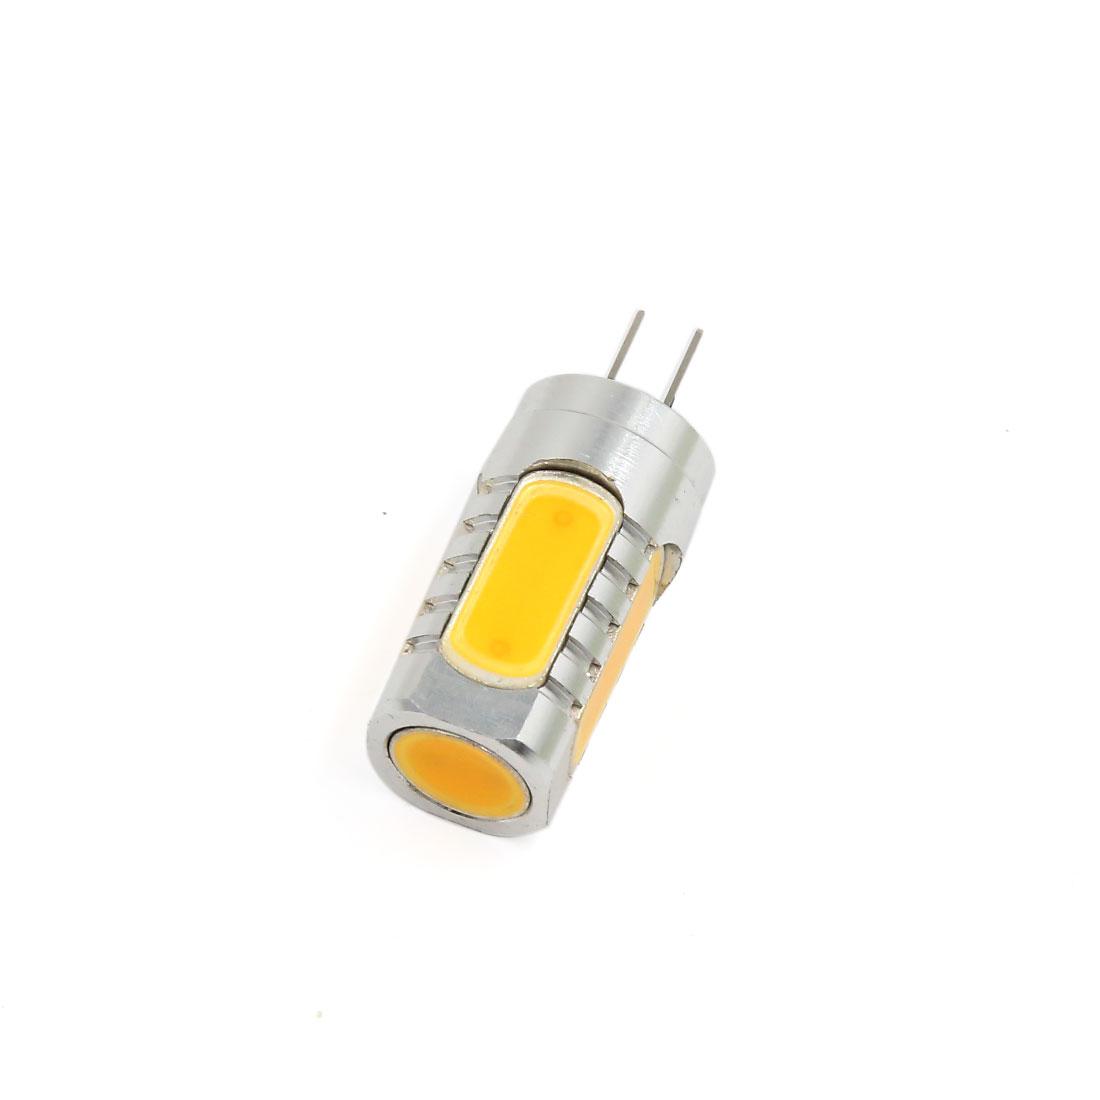 2 Pcs 7W G4 Warm White 5 COB LED Corn Lights Lamps Bulb DC 12V Interior